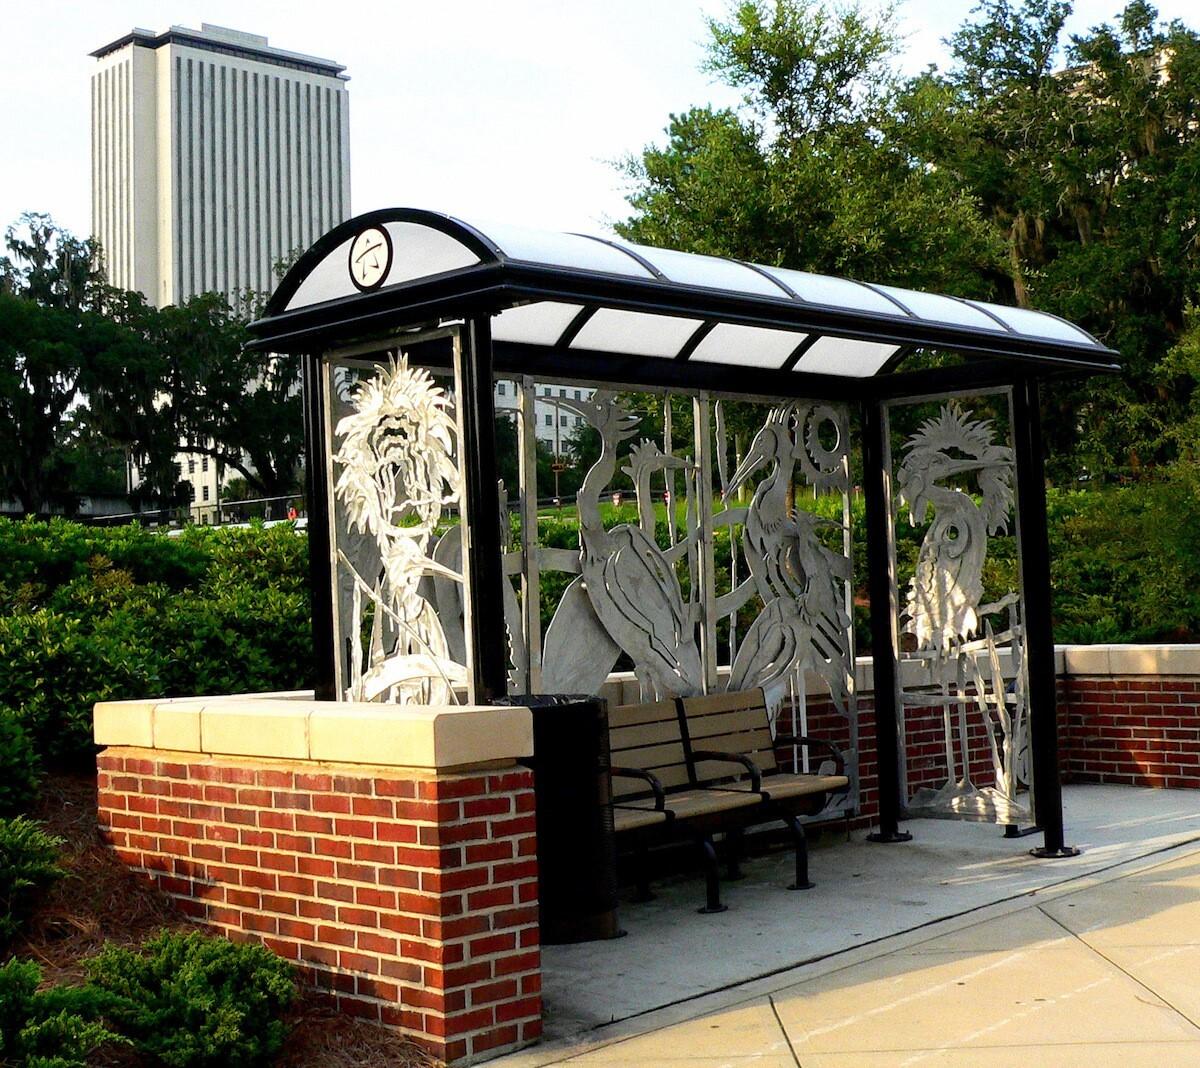 Mark Dickson's bus shelter art work